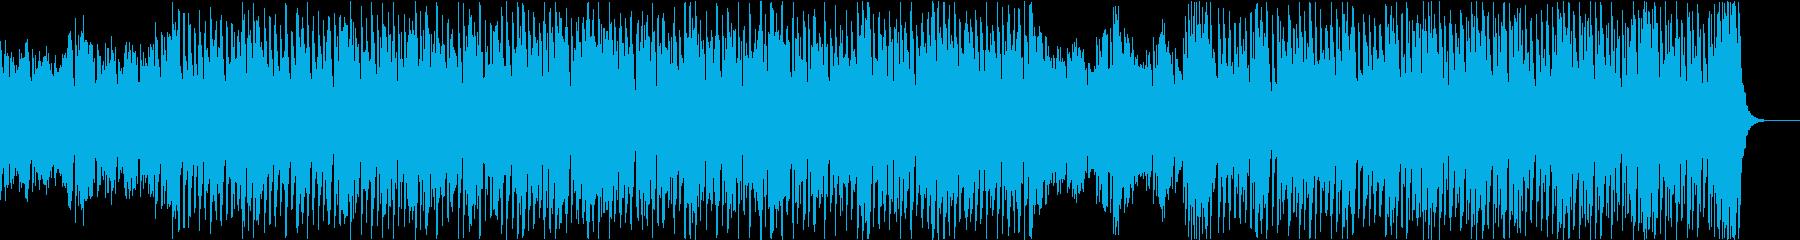 ニューディスコ、シンセポップ、80年代の再生済みの波形